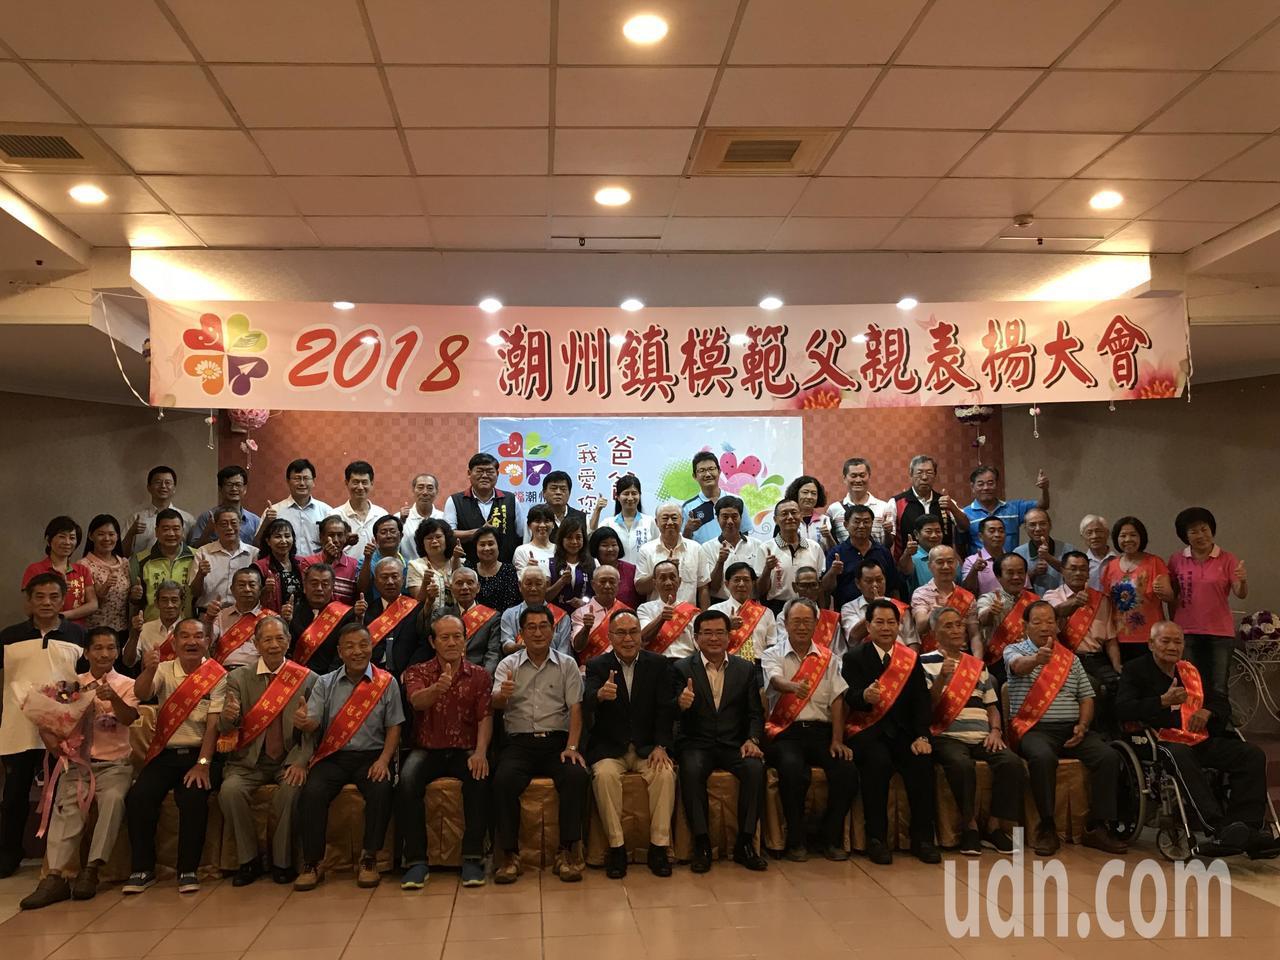 屏東縣潮州鎮公所表揚107年度總共23位模範父親,今年舉薦人選也是相當踴躍。記者...